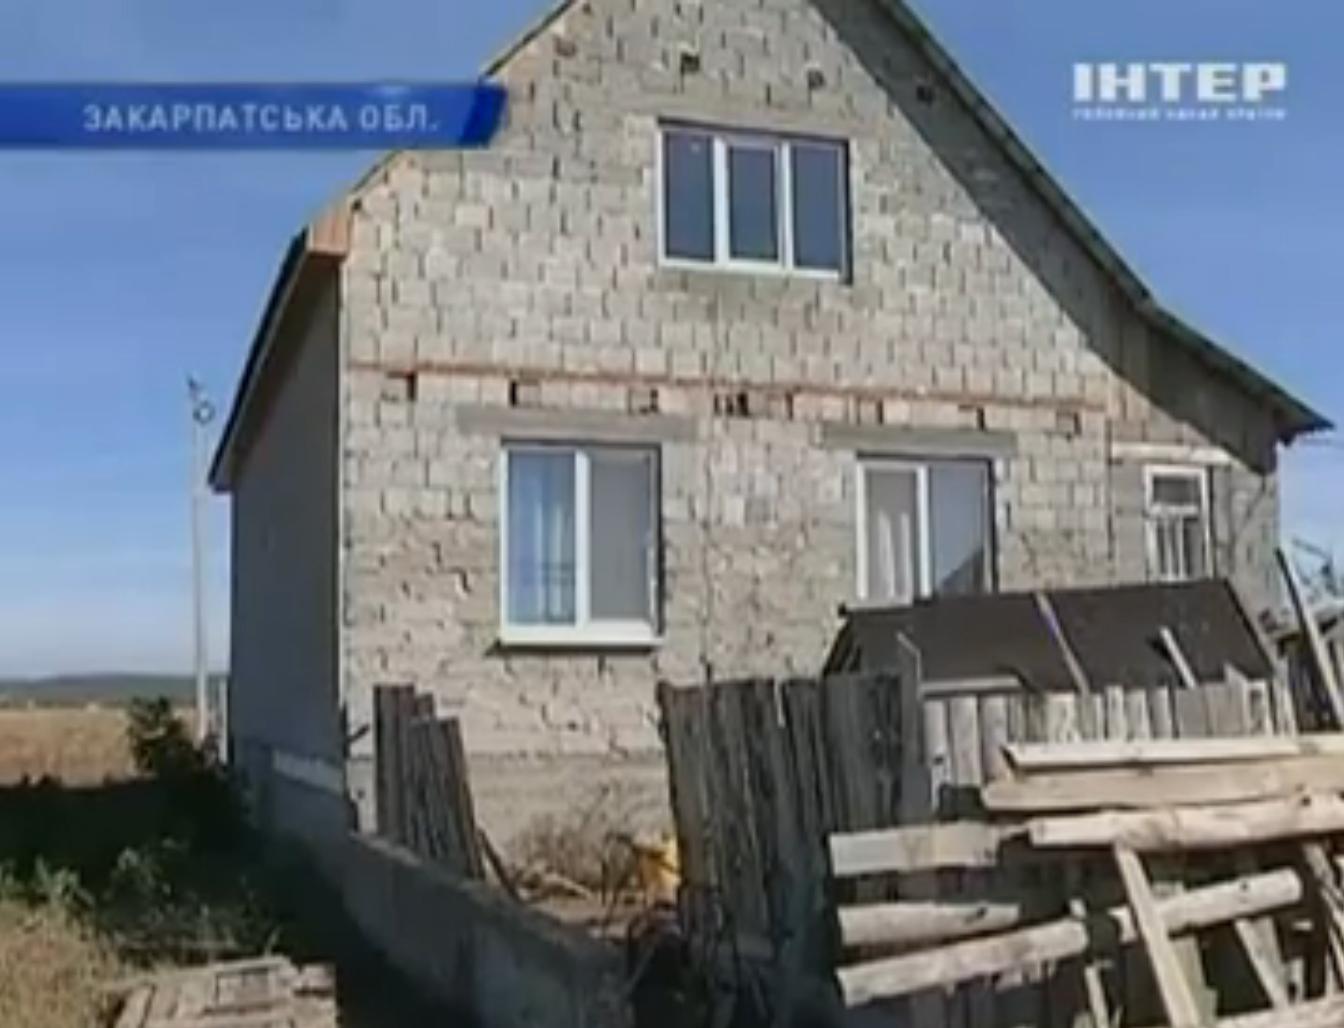 Через недбалість влади житловий будинок побудували просто на газовій трубі (ВІДЕО)